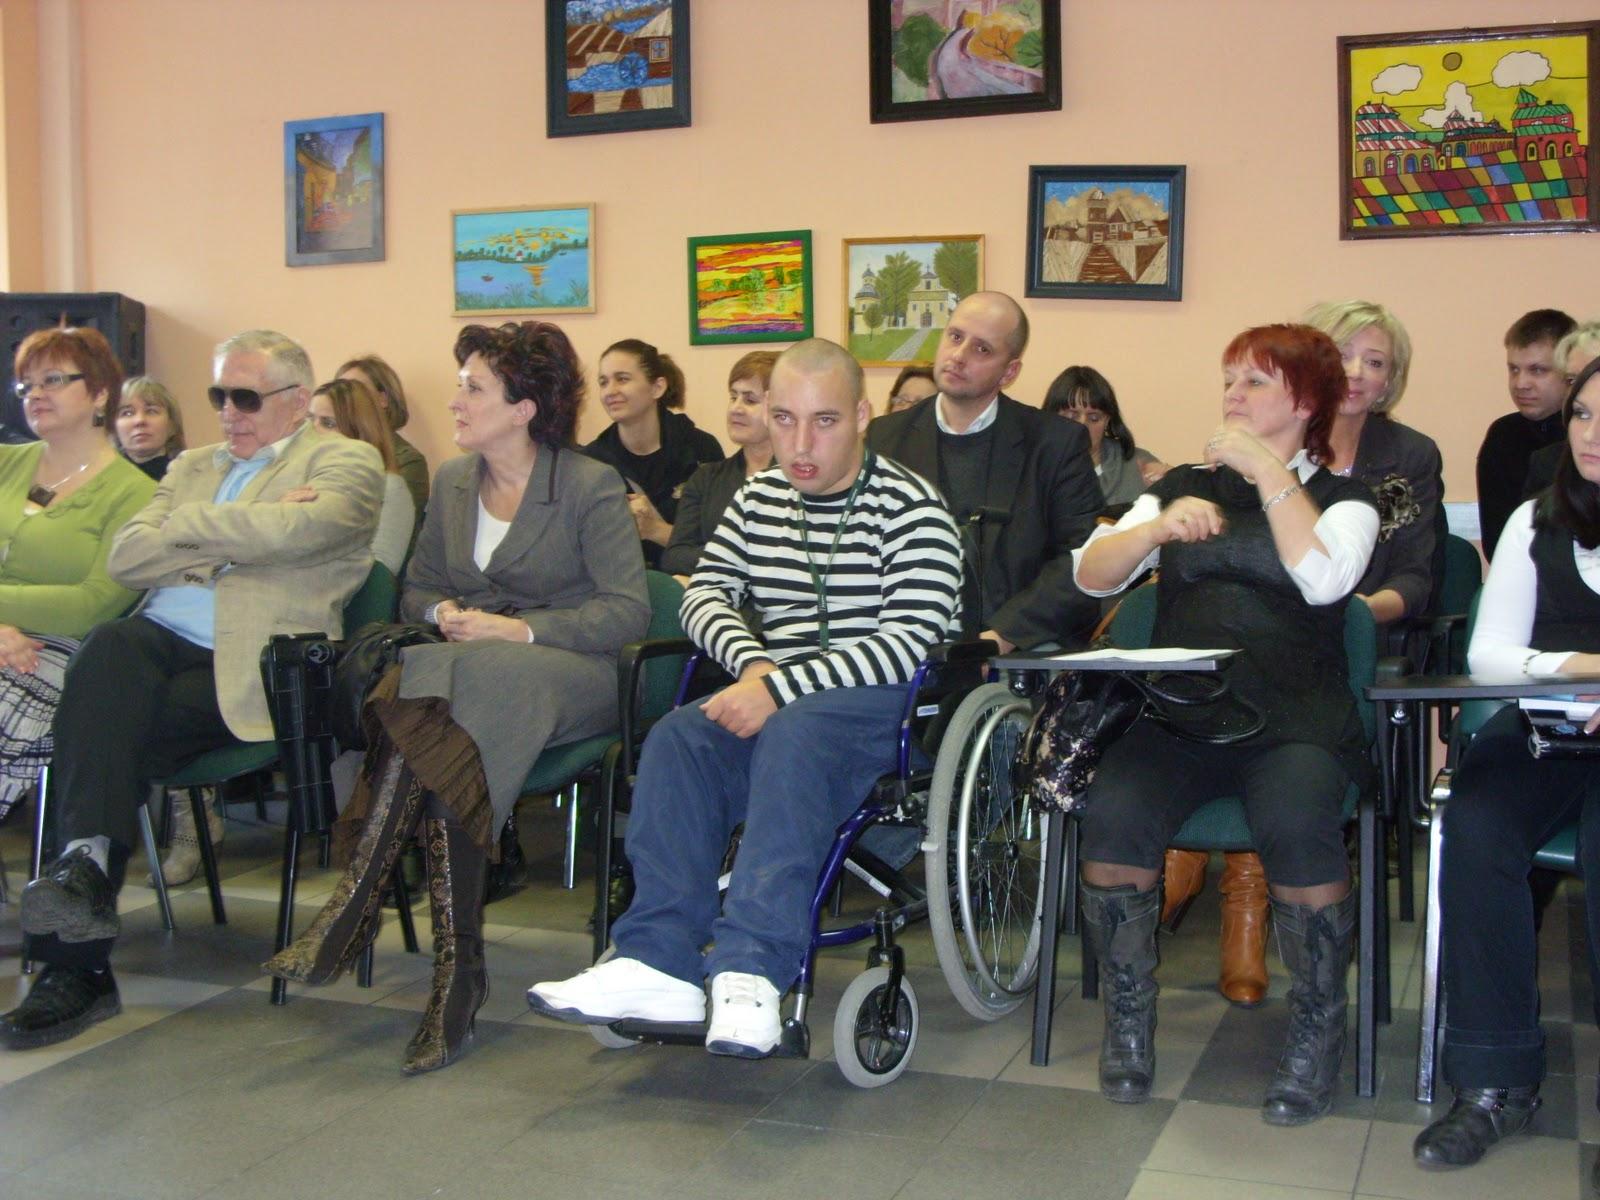 Stowarzyszenie Opiekunów Osób Niepełnosprawnych ;STOP WYKLUCZENIOM; nie ustaje w walce z hipokryzją władzy RP. Publikujemy twarze posłanek i posłów RP, którzy zgotowali nam ten los